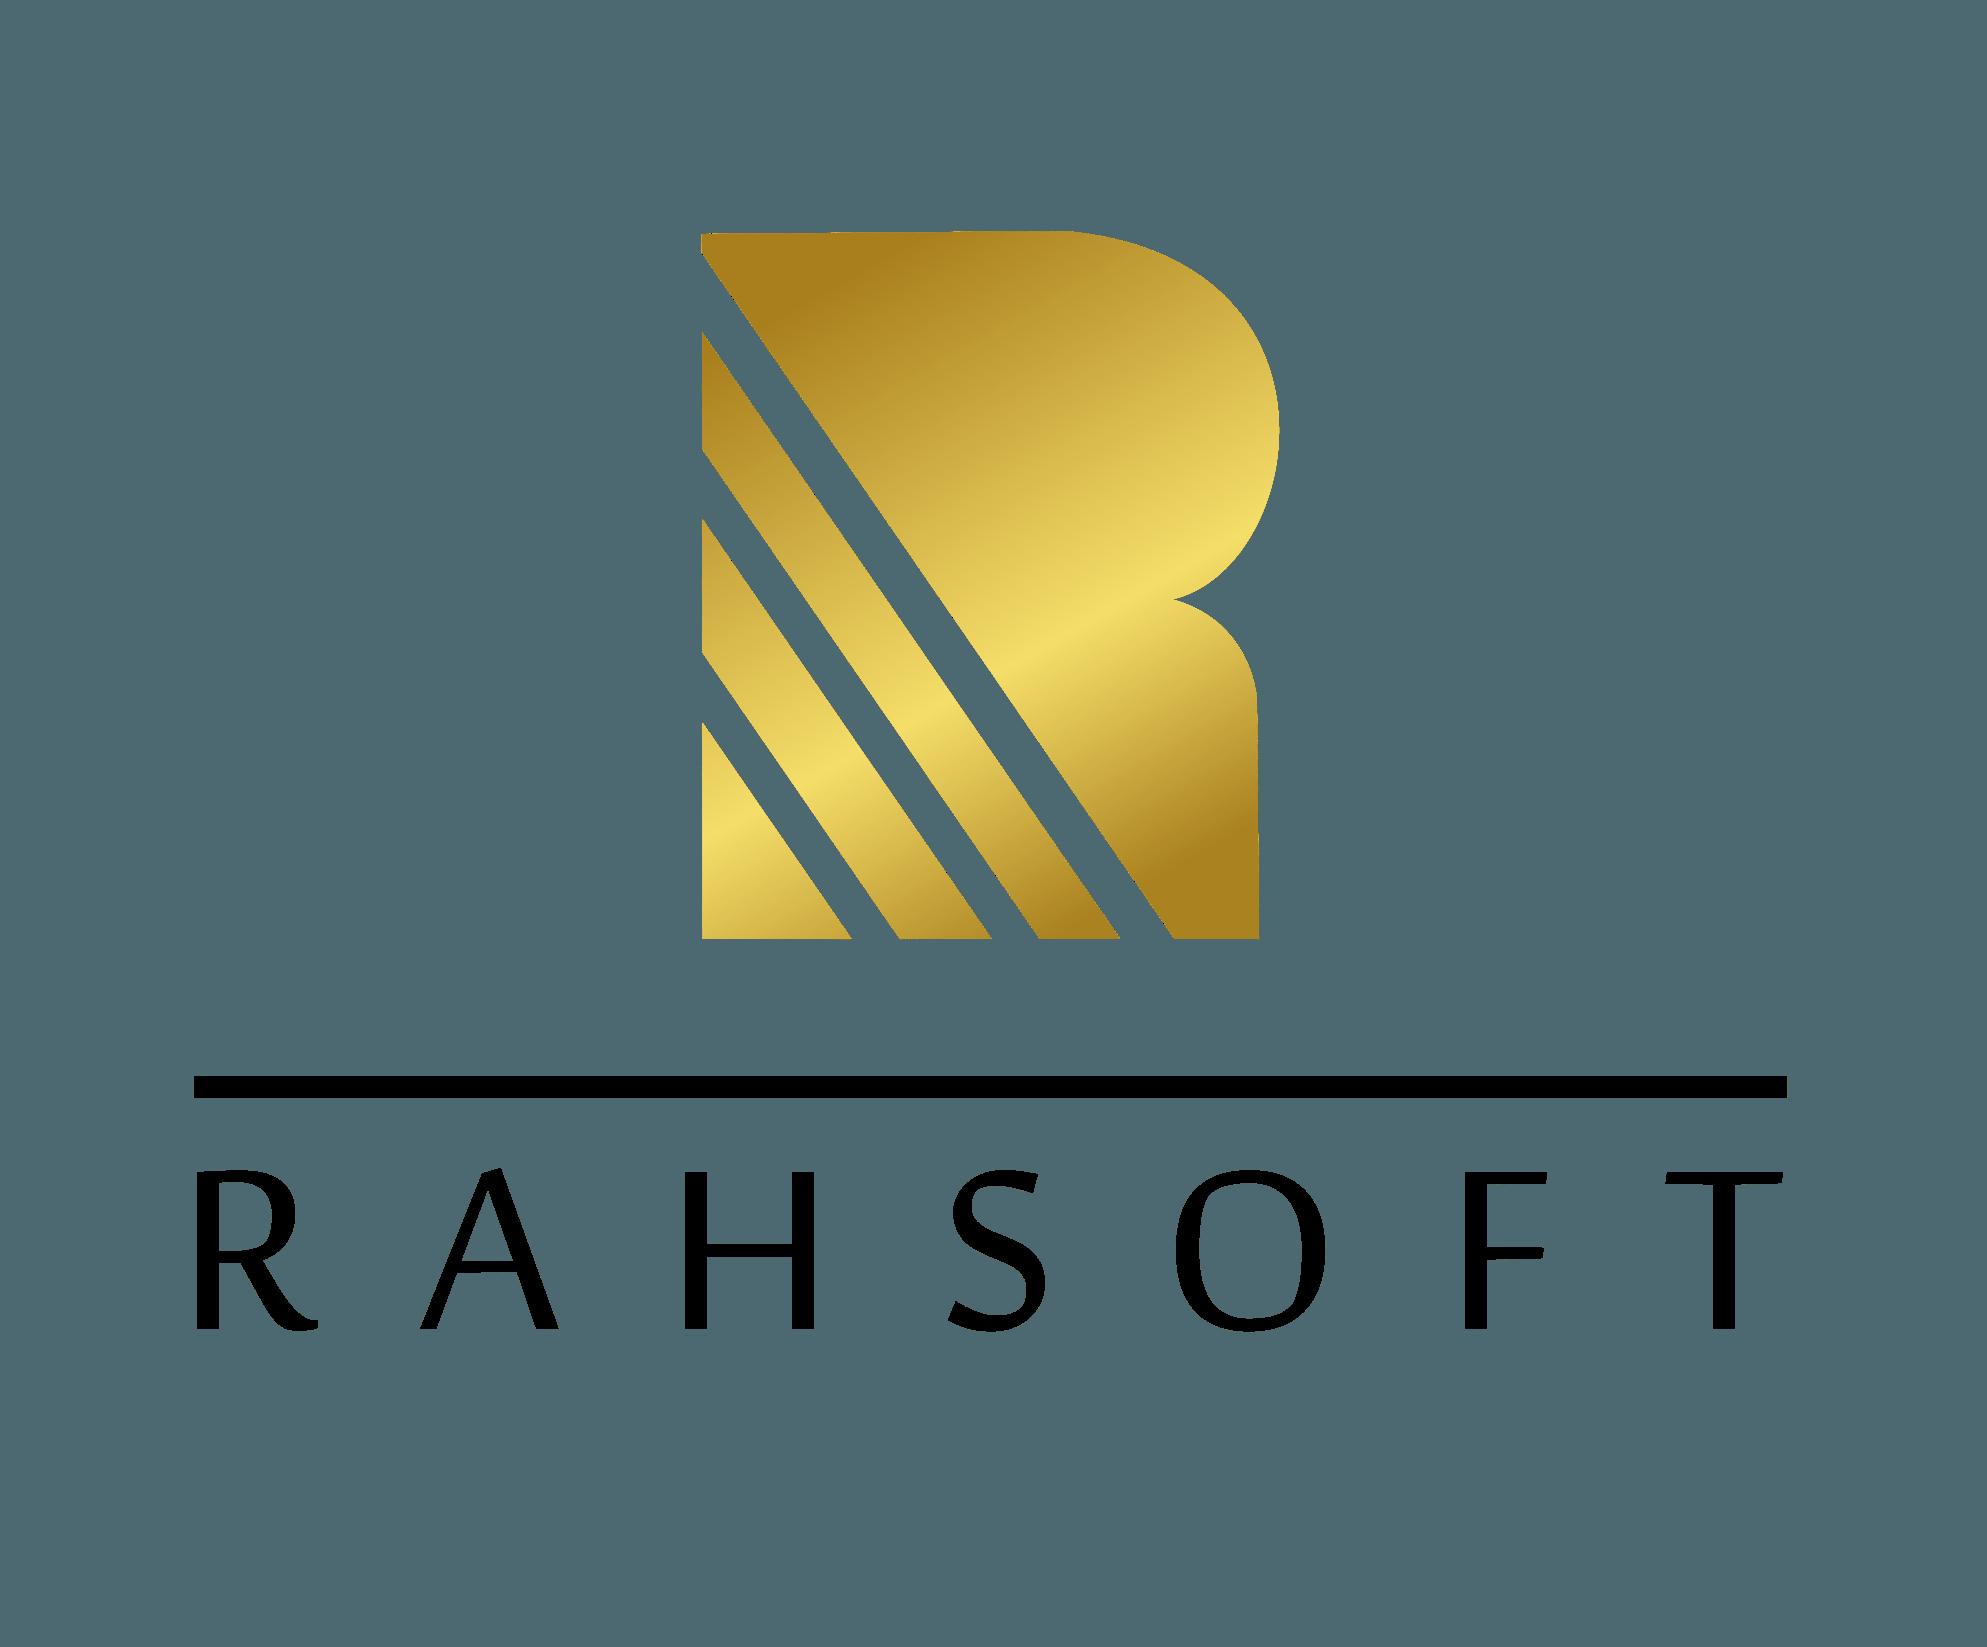 logo-rahsoft